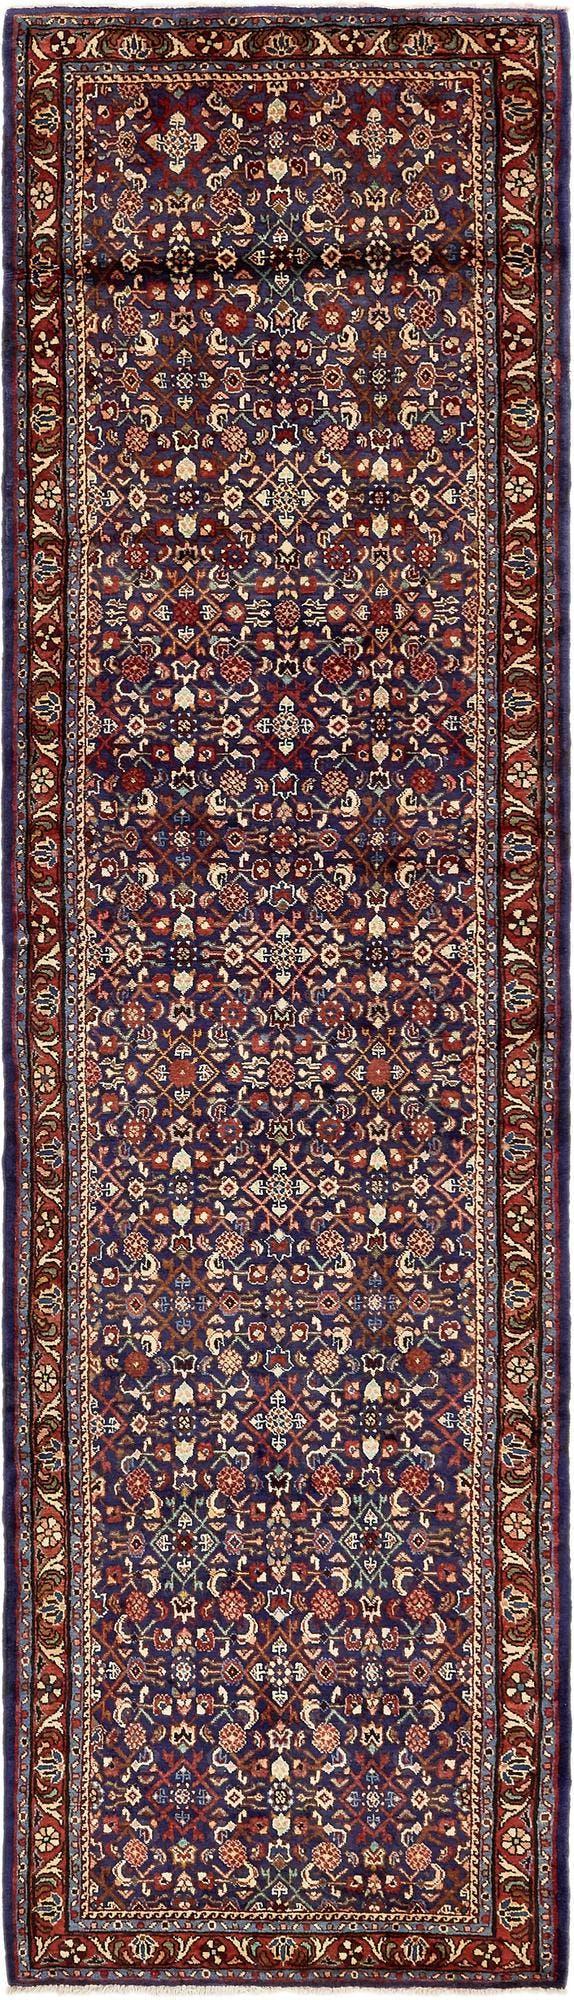 3' 8 x 13' 3 Hossainabad Persian Runner Rug main image